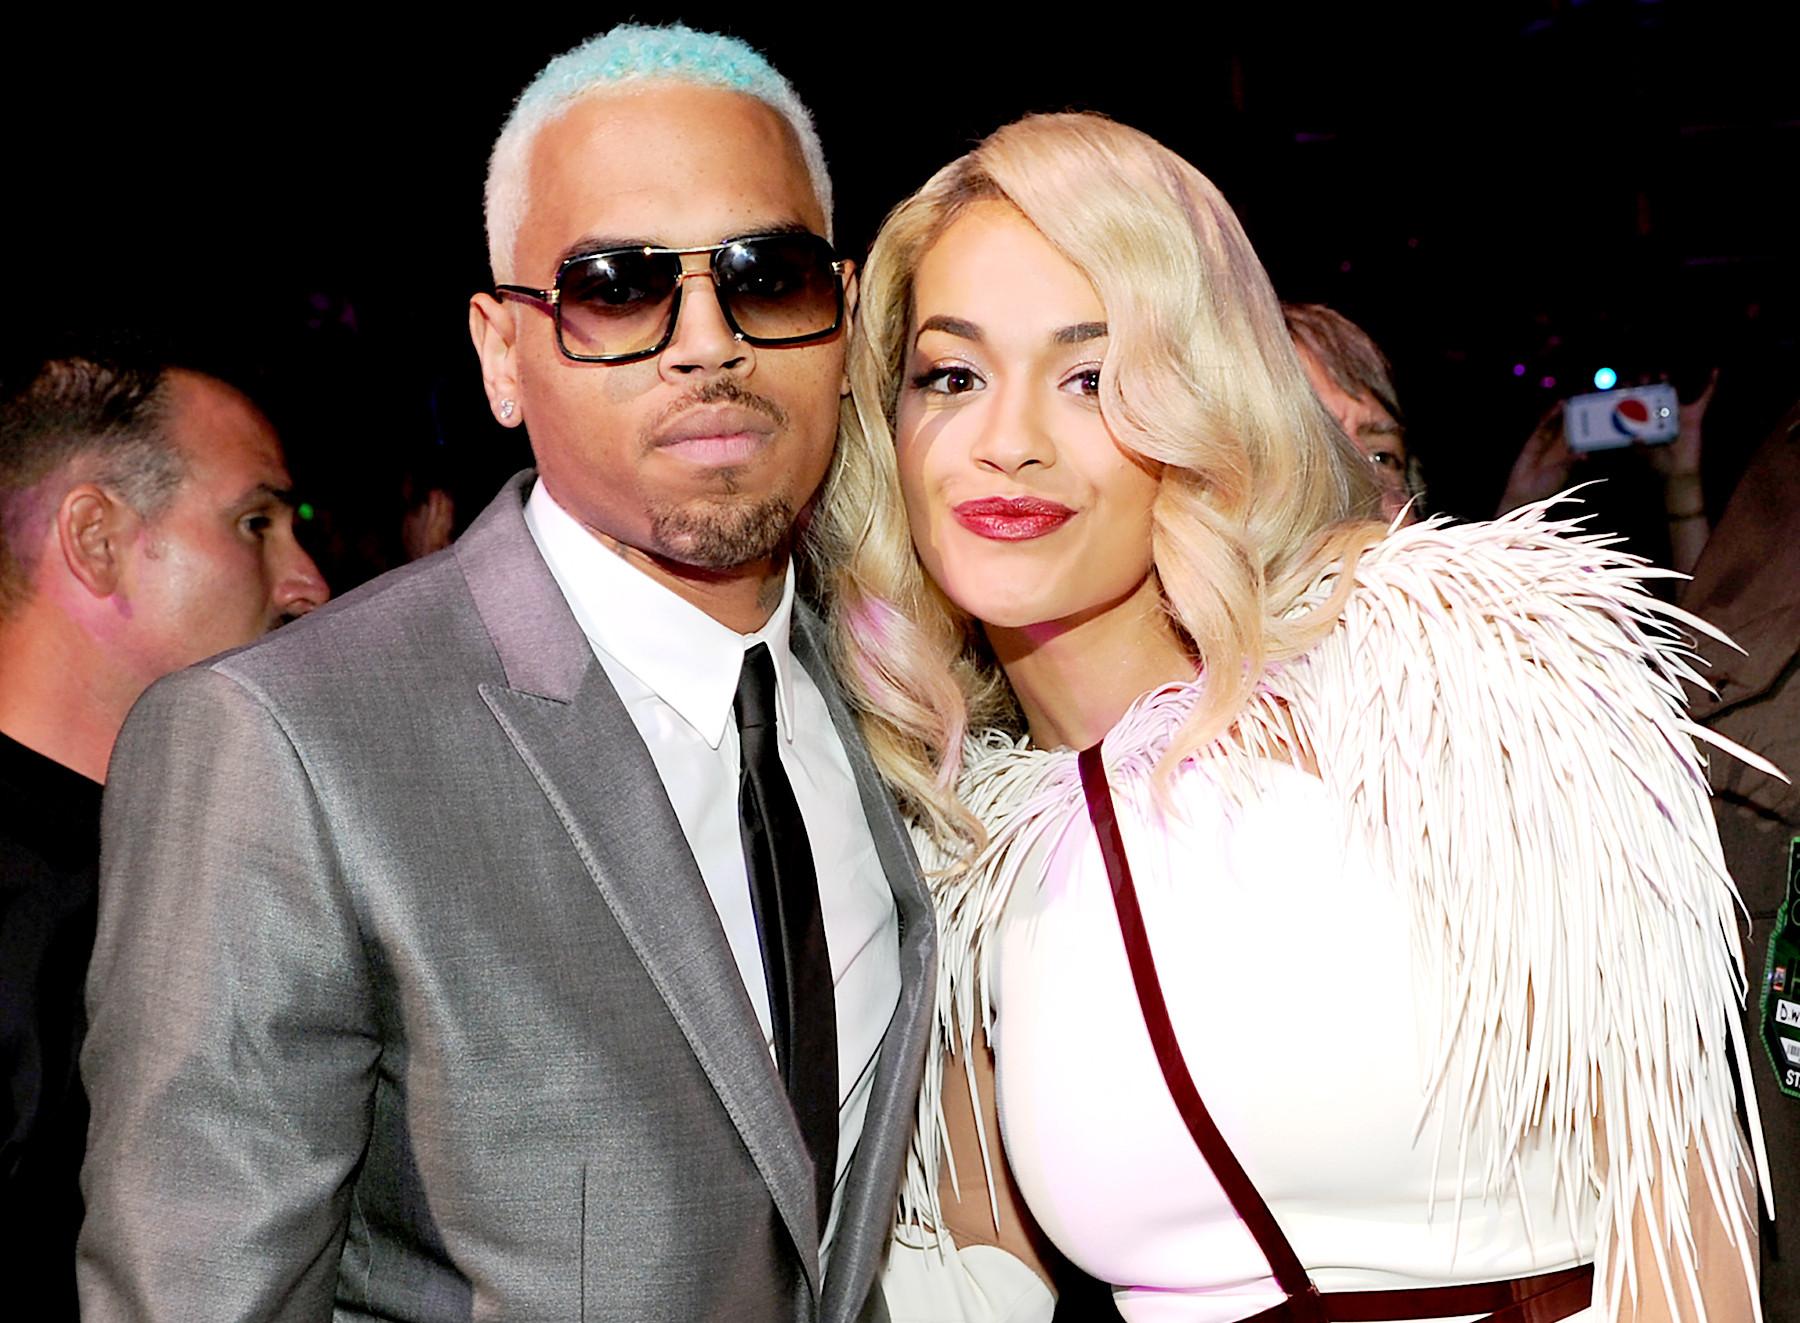 """Chris Brown(クリス・ブラウン)を迎えたRita Ora(リタ・オラ)の新曲""""Body On Me""""のPVが公開!"""